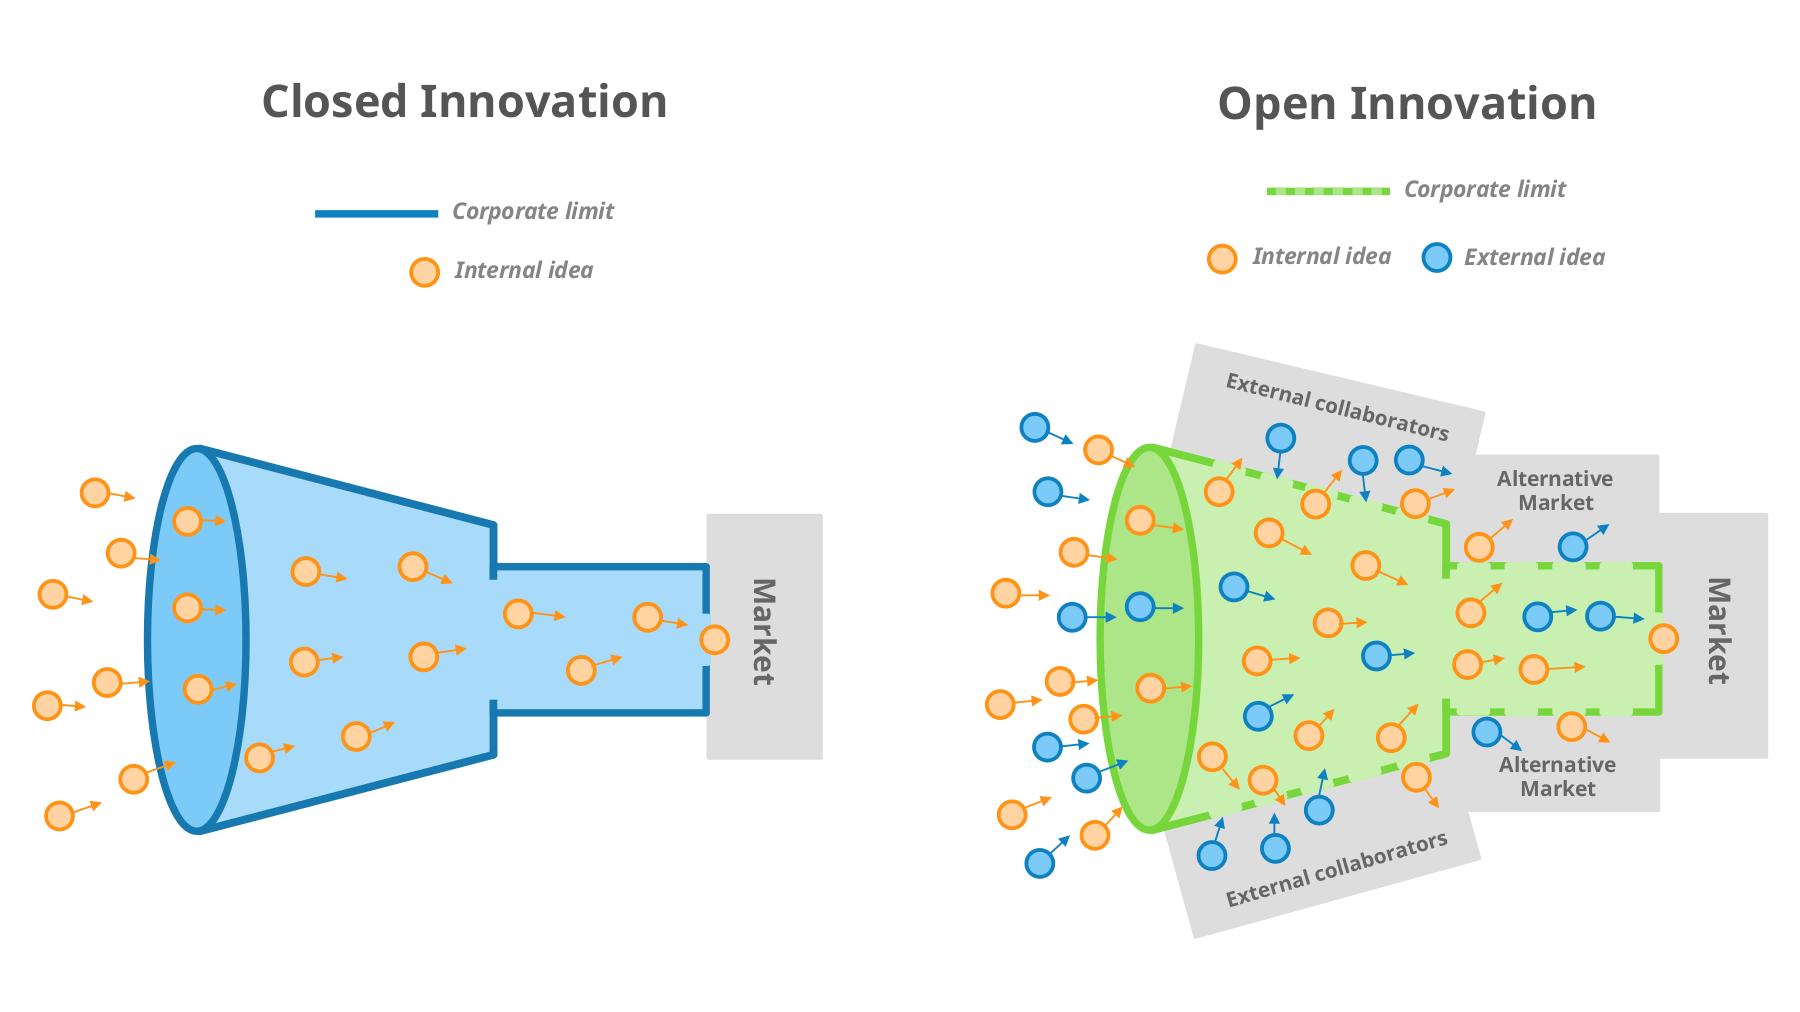 Open innovation funnel vs closed innovation funnel